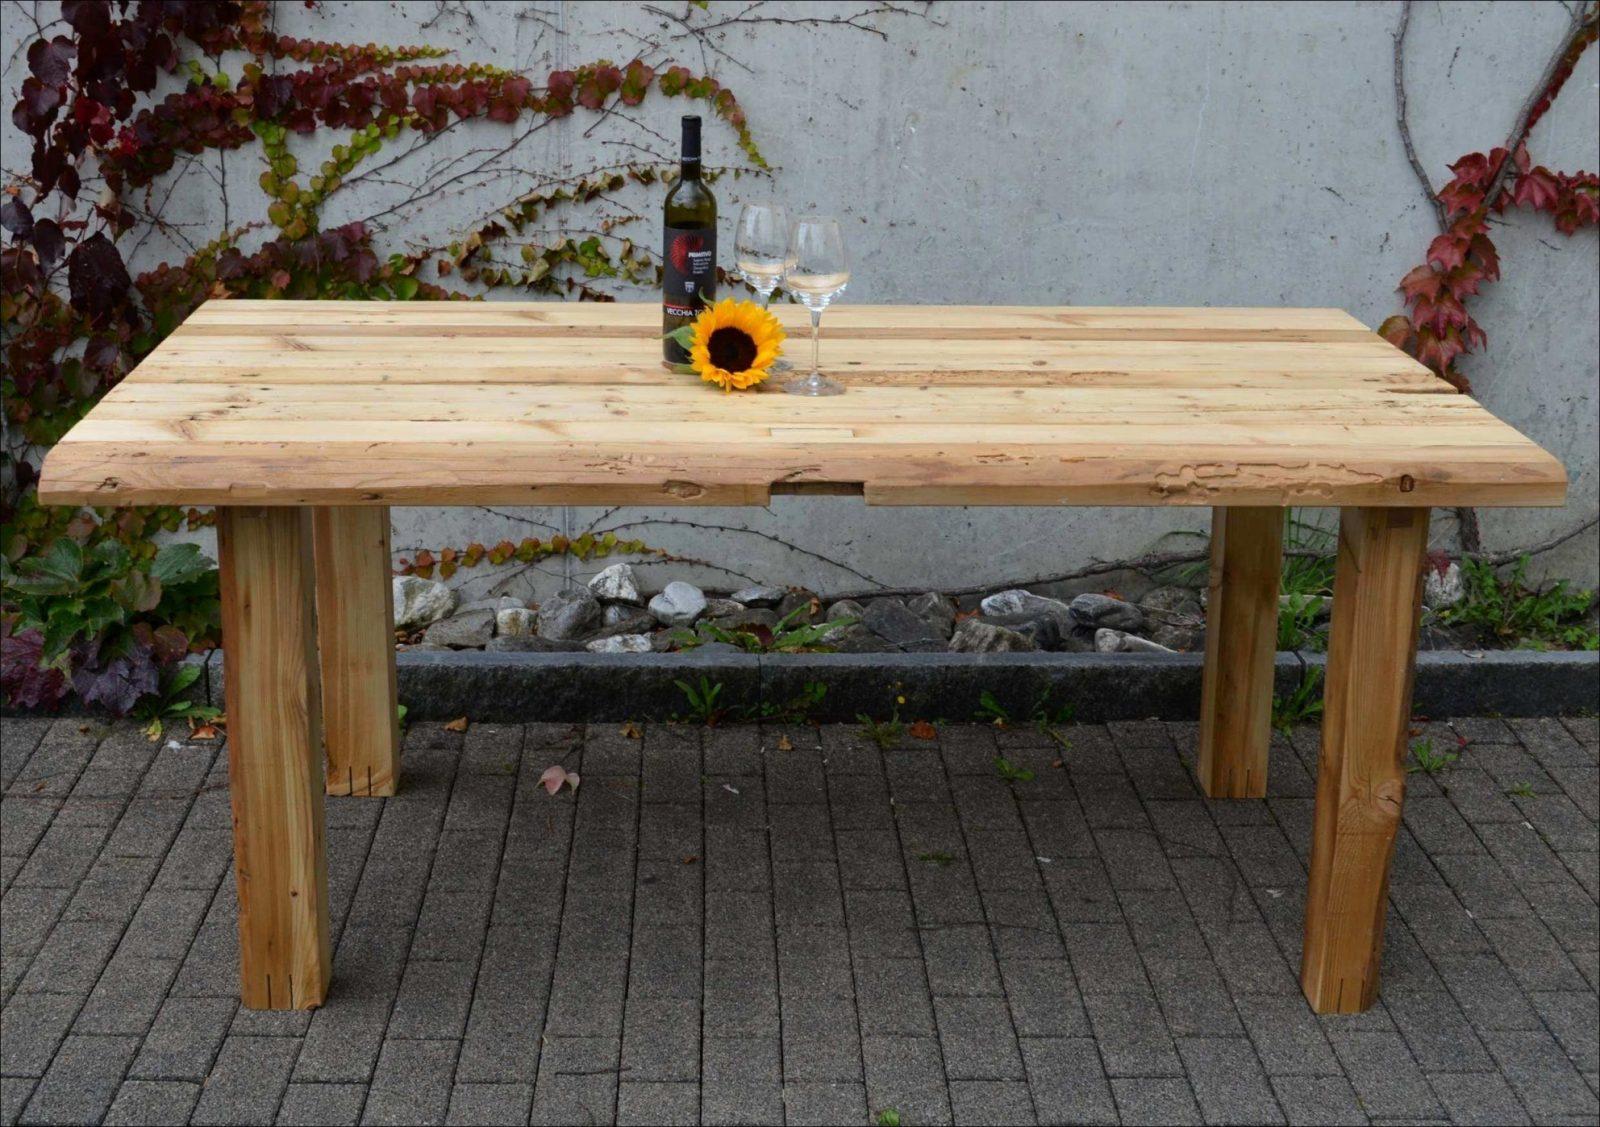 18 Massive Holzbank Selber Bauen Konzept Von Gartenbank Holz Massiv von Gartenbank Holz Massiv Rustikal Bild